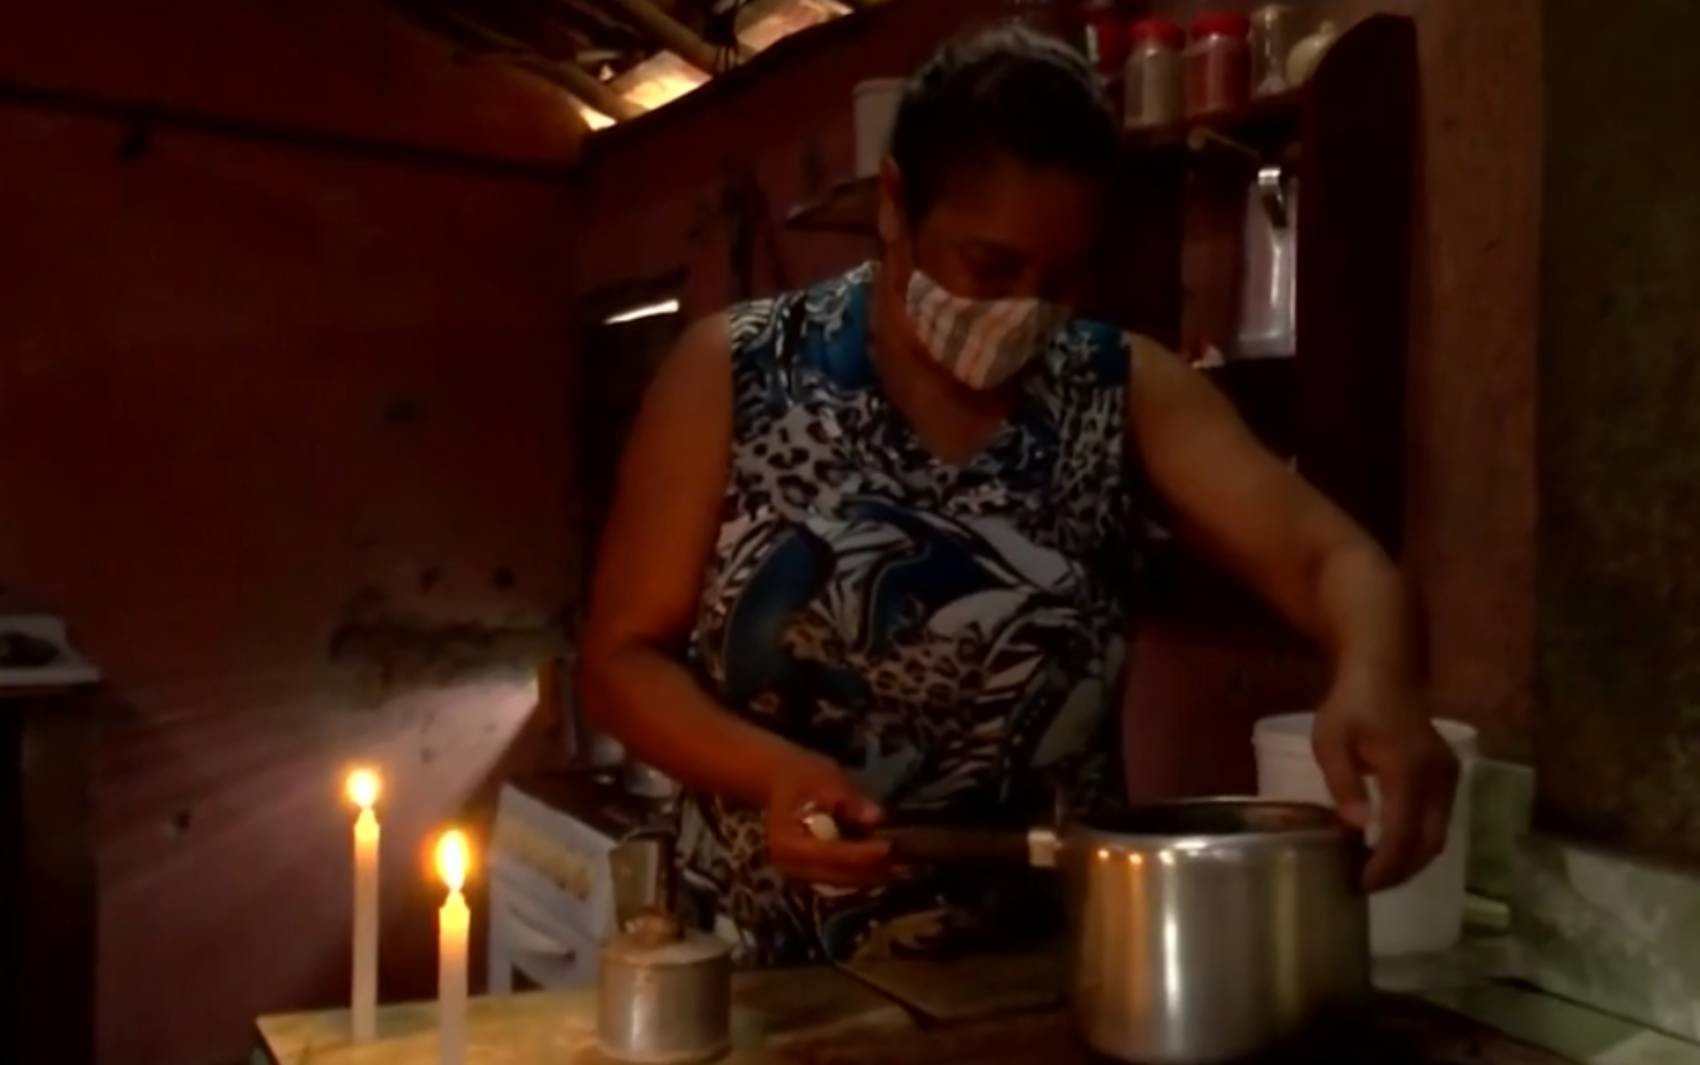 Aposentada revela gastar mais de R$ 50 por mês em velas em povoado da BA que não tem energia elétrica há quase 16 anos